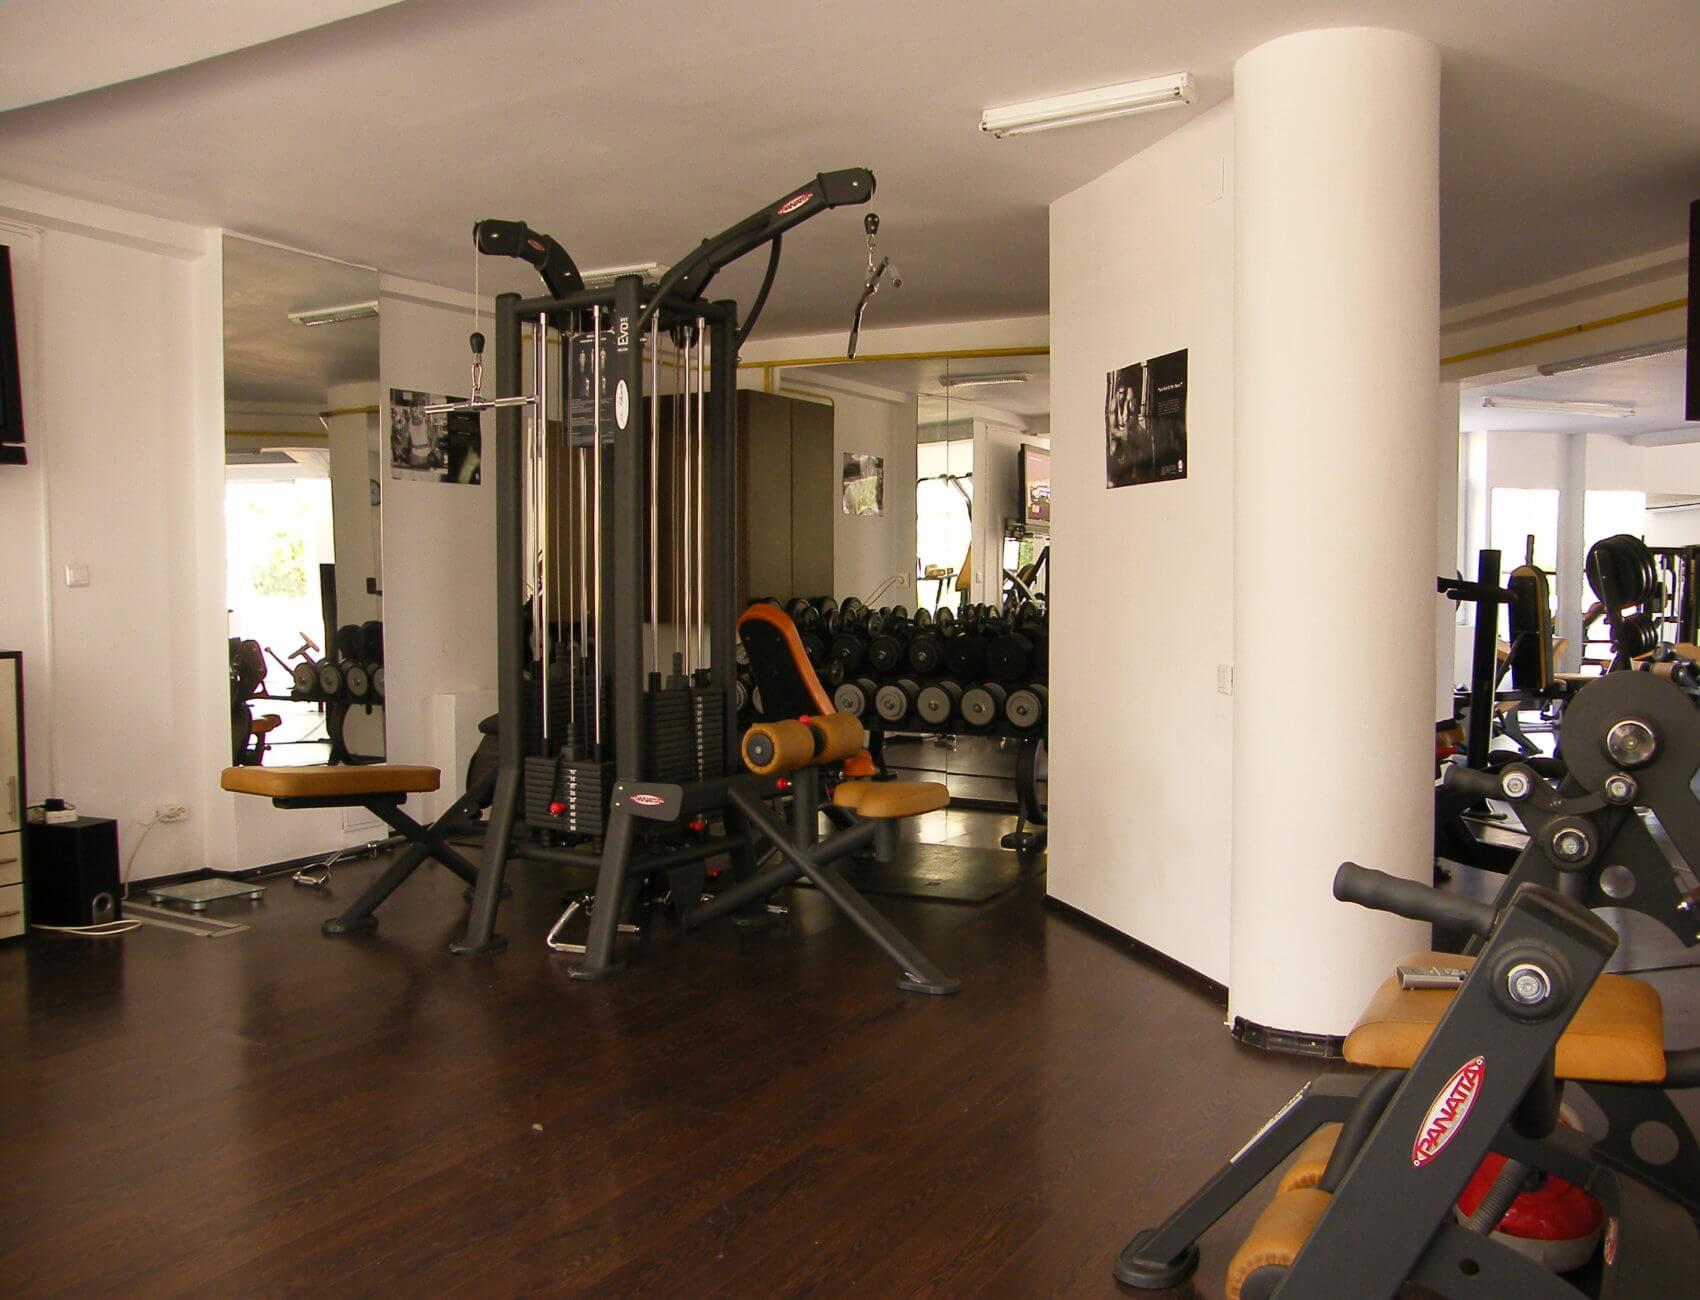 Galerie echipamente fitness 2017 - 6